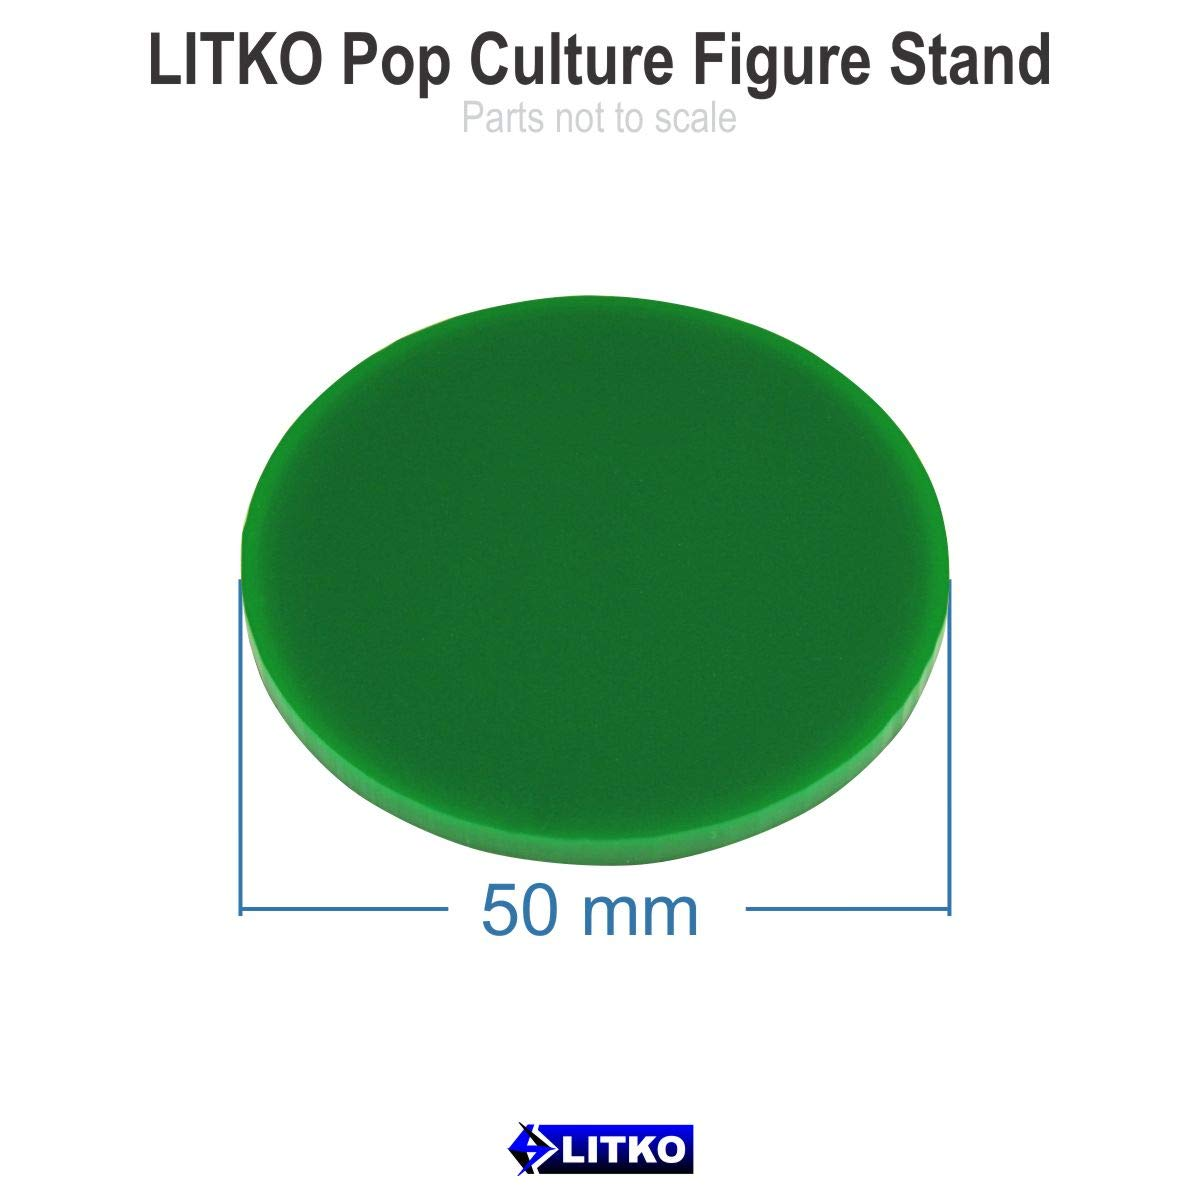 5 Black 2-inch Circle LITKO Pop Culture Figure Stands